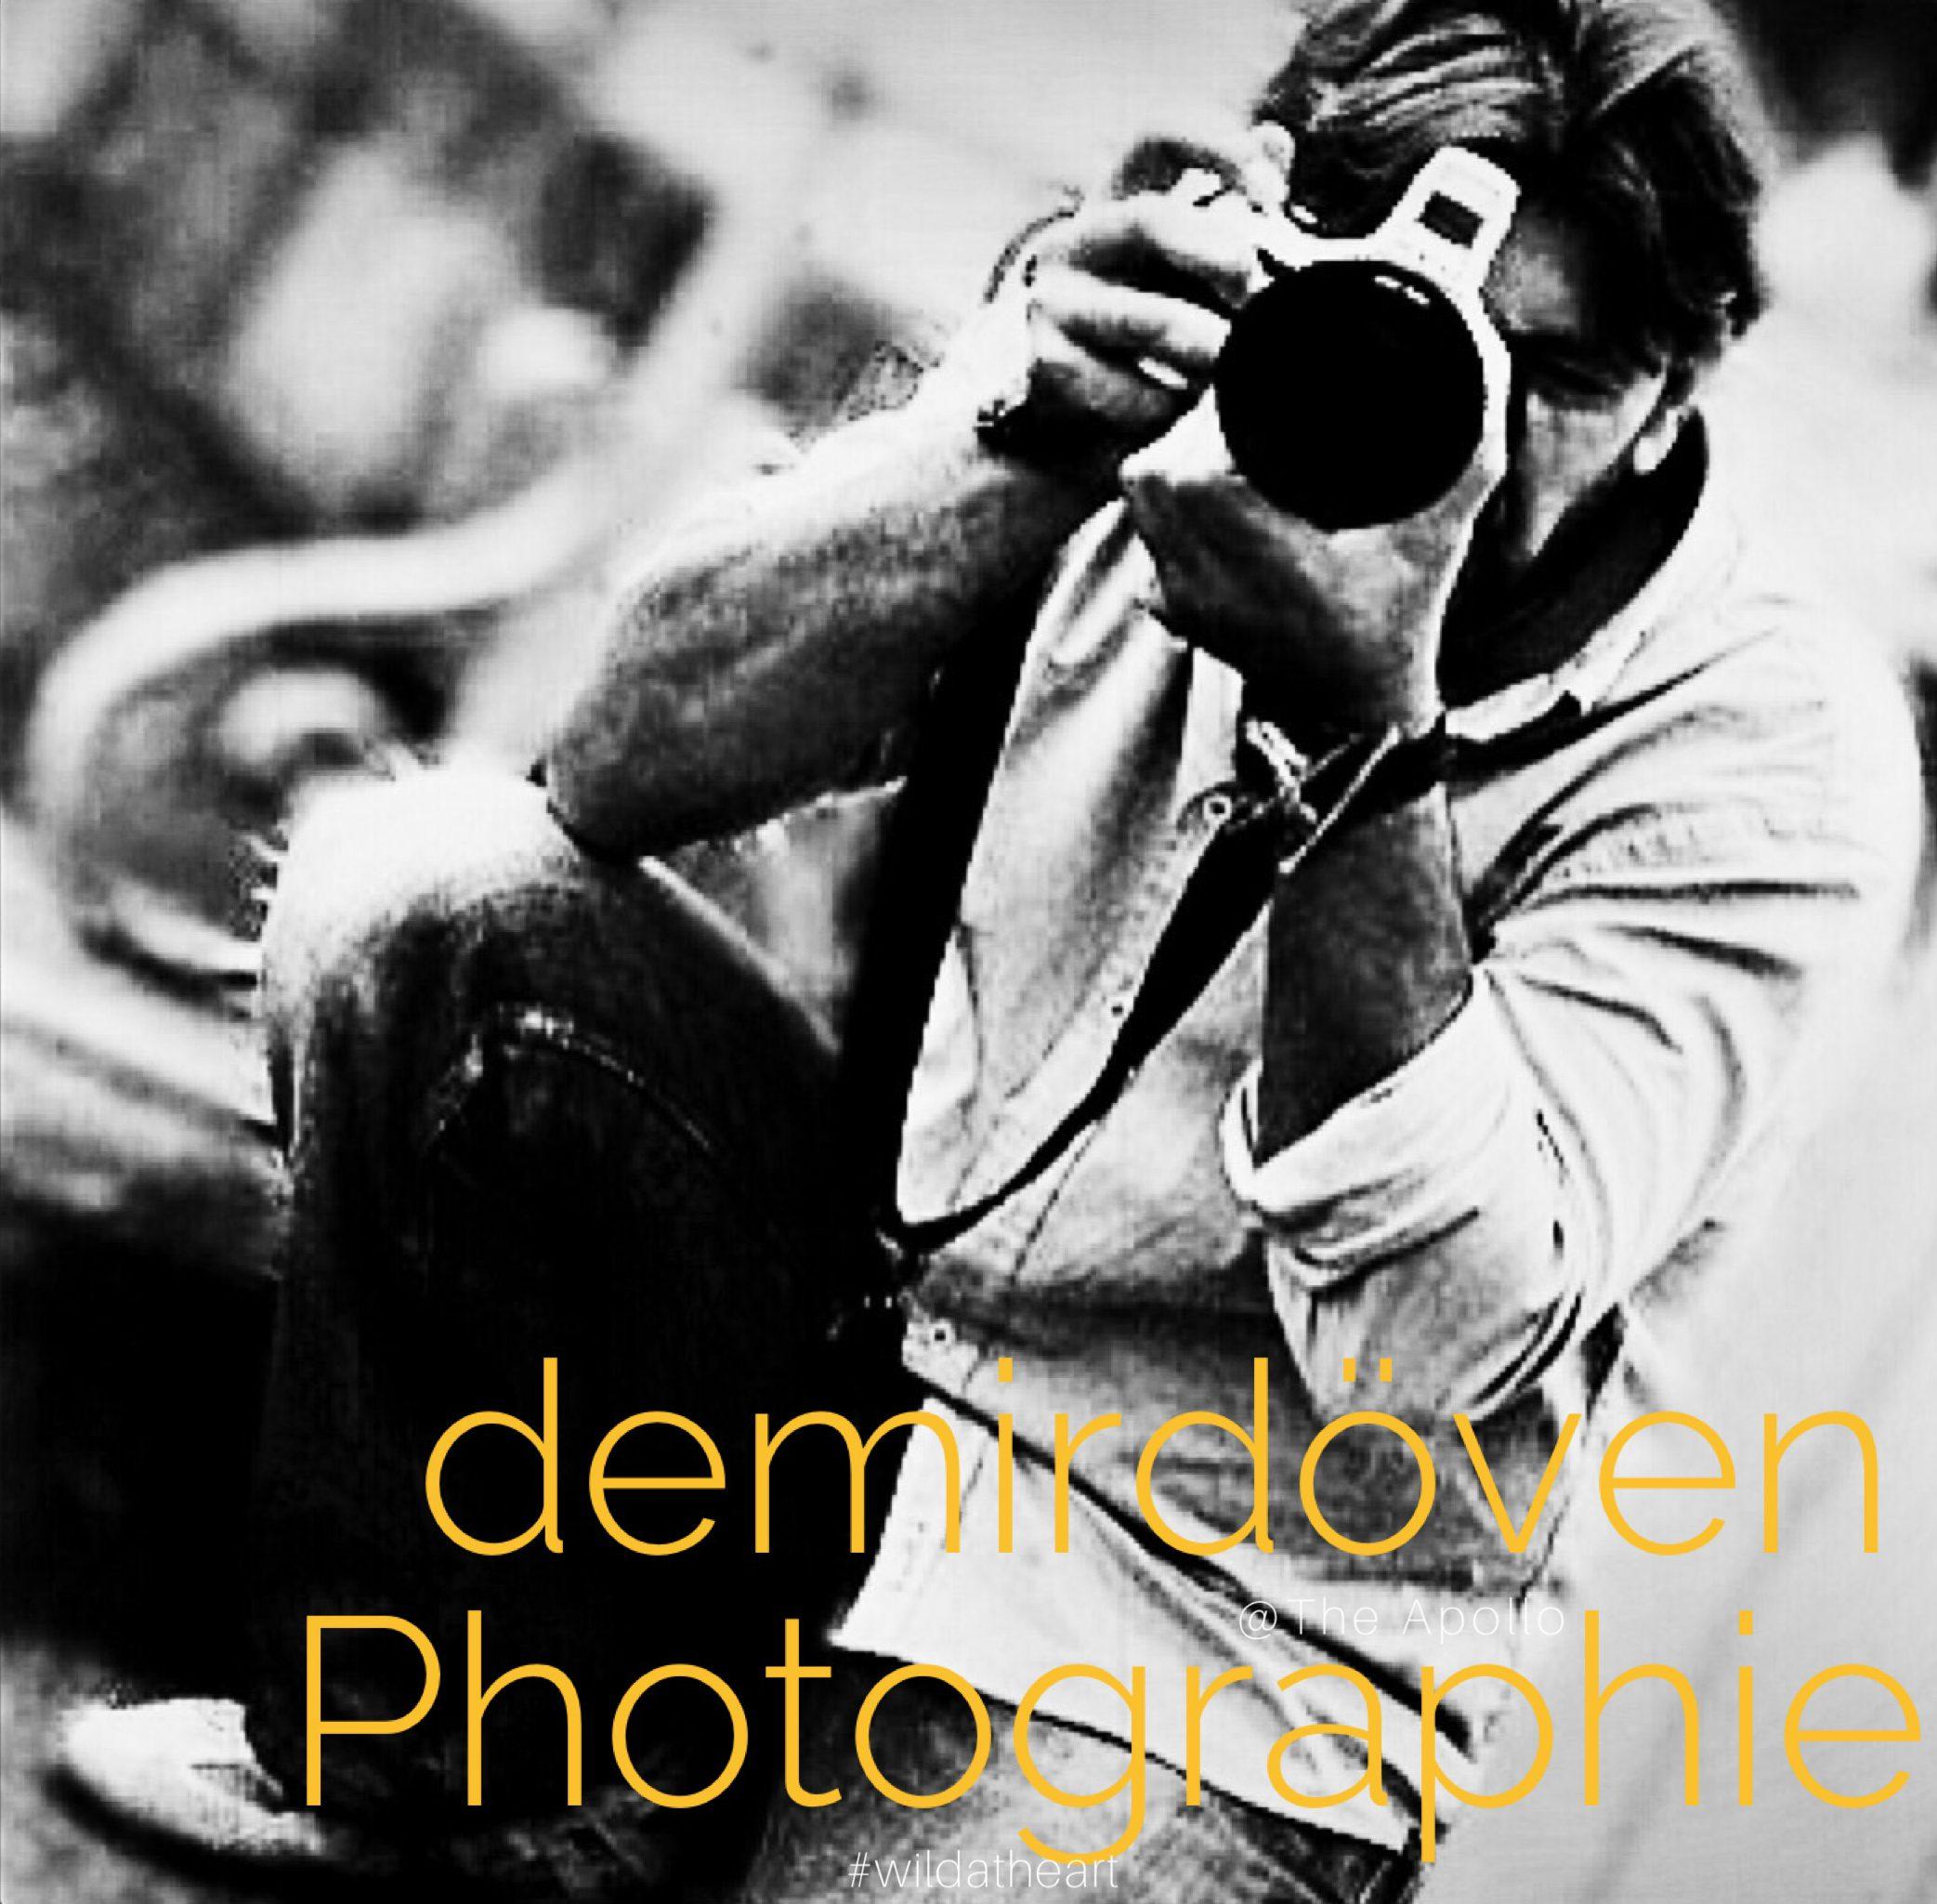 demirdöven | Photographie